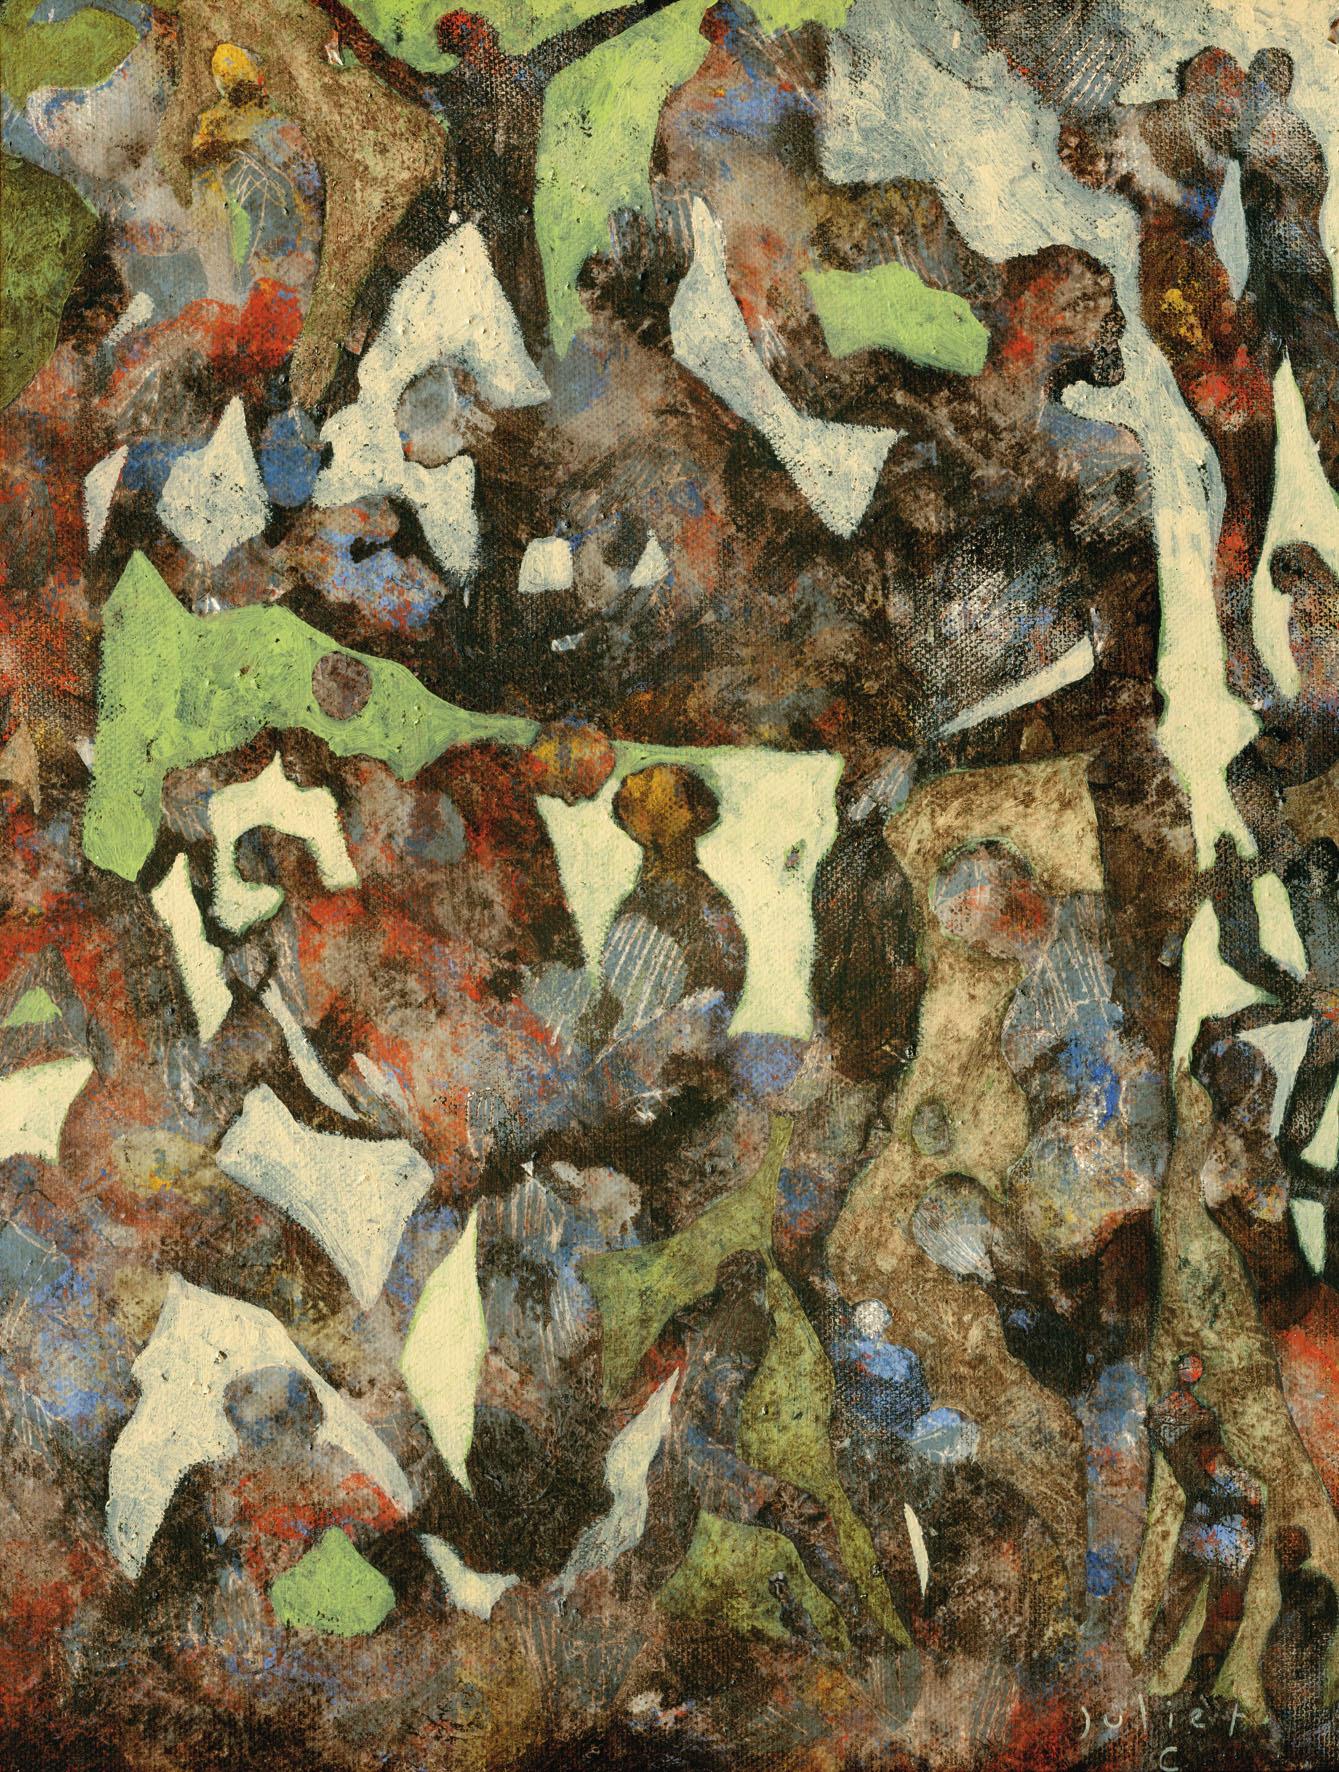 JEUX DU STADE acrylique sur toile 41x33 cm